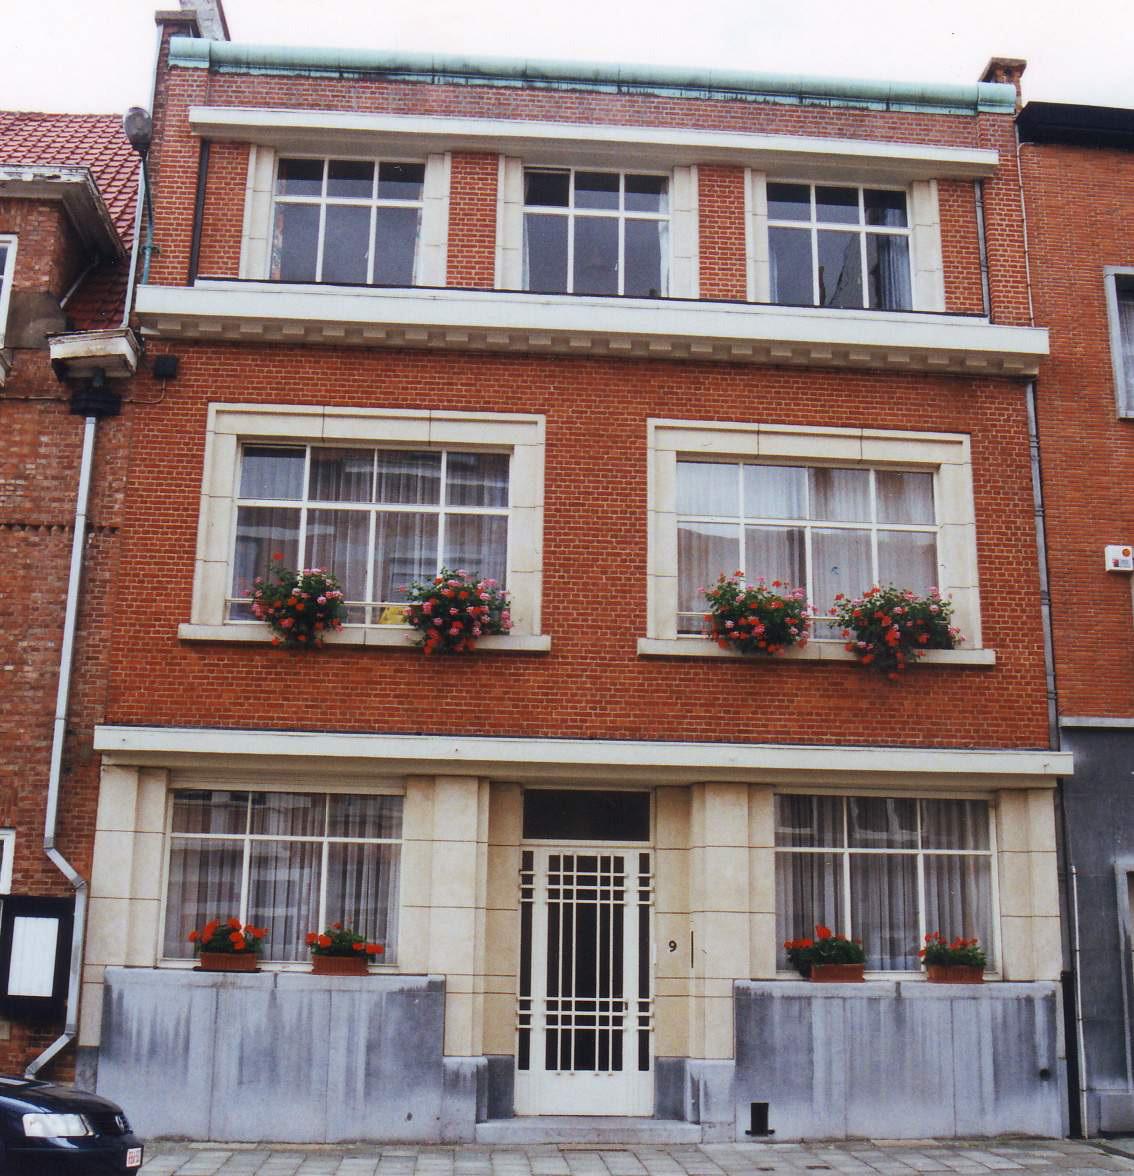 Paul Bossustraat 9., 2002